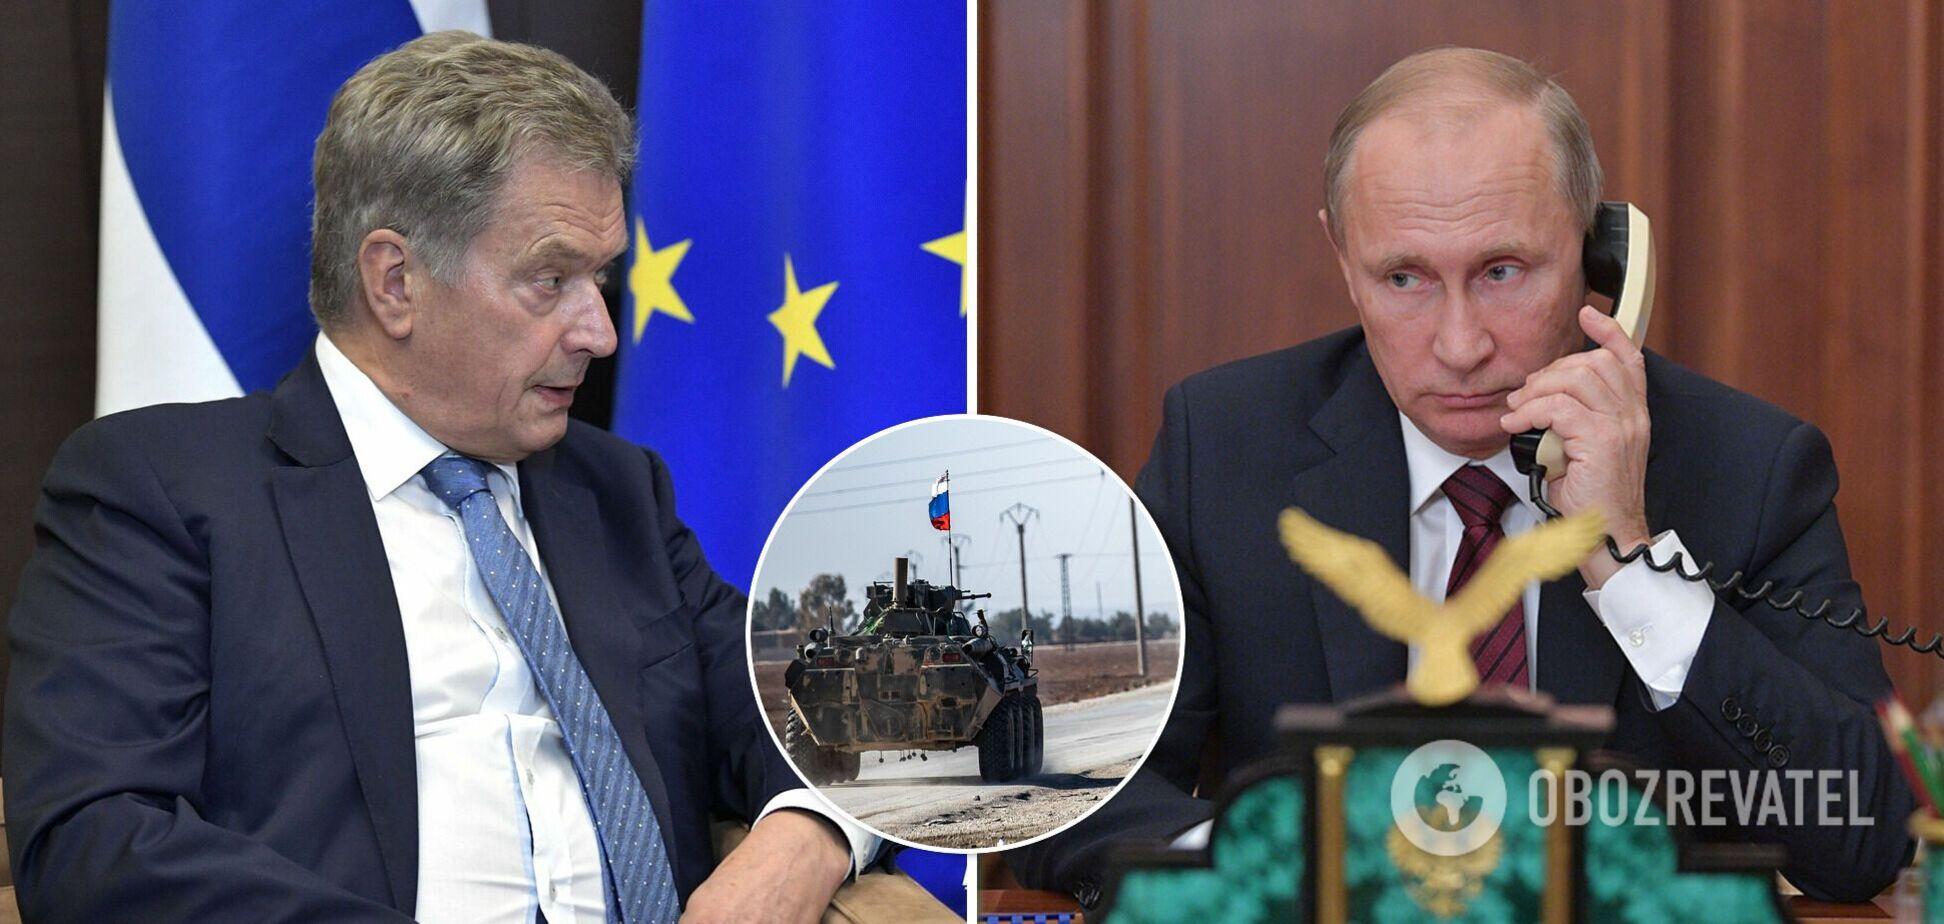 Президент Фінляндії заявив Путіну про стурбованість ситуацією в Україні